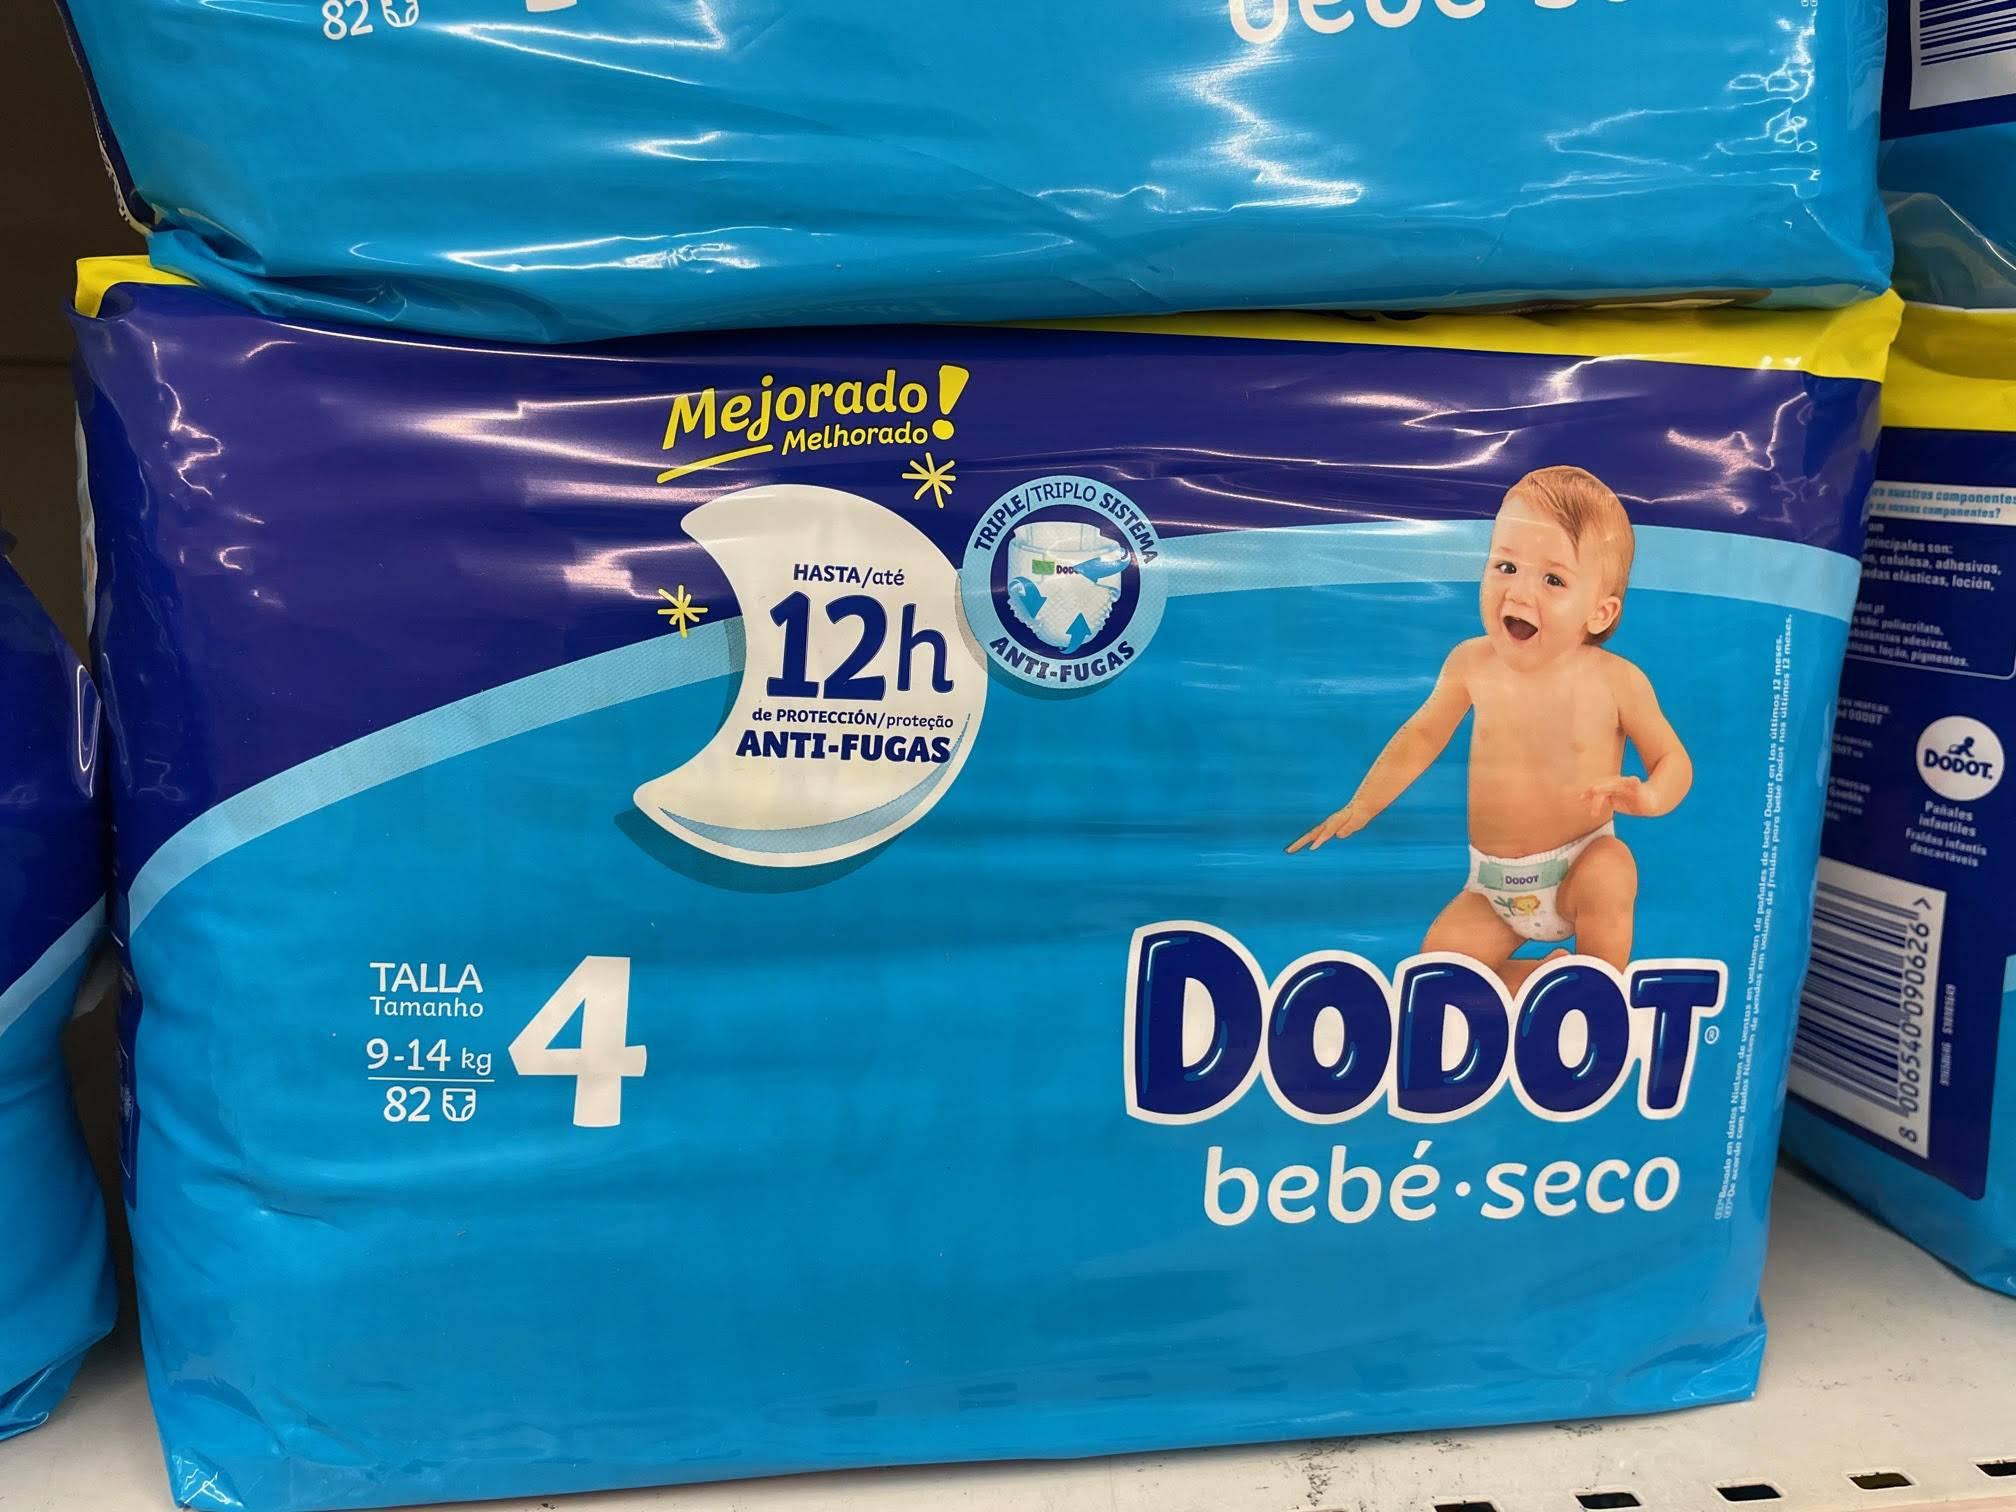 dodot bebe seco mimuselina blog mejores y peores pañales